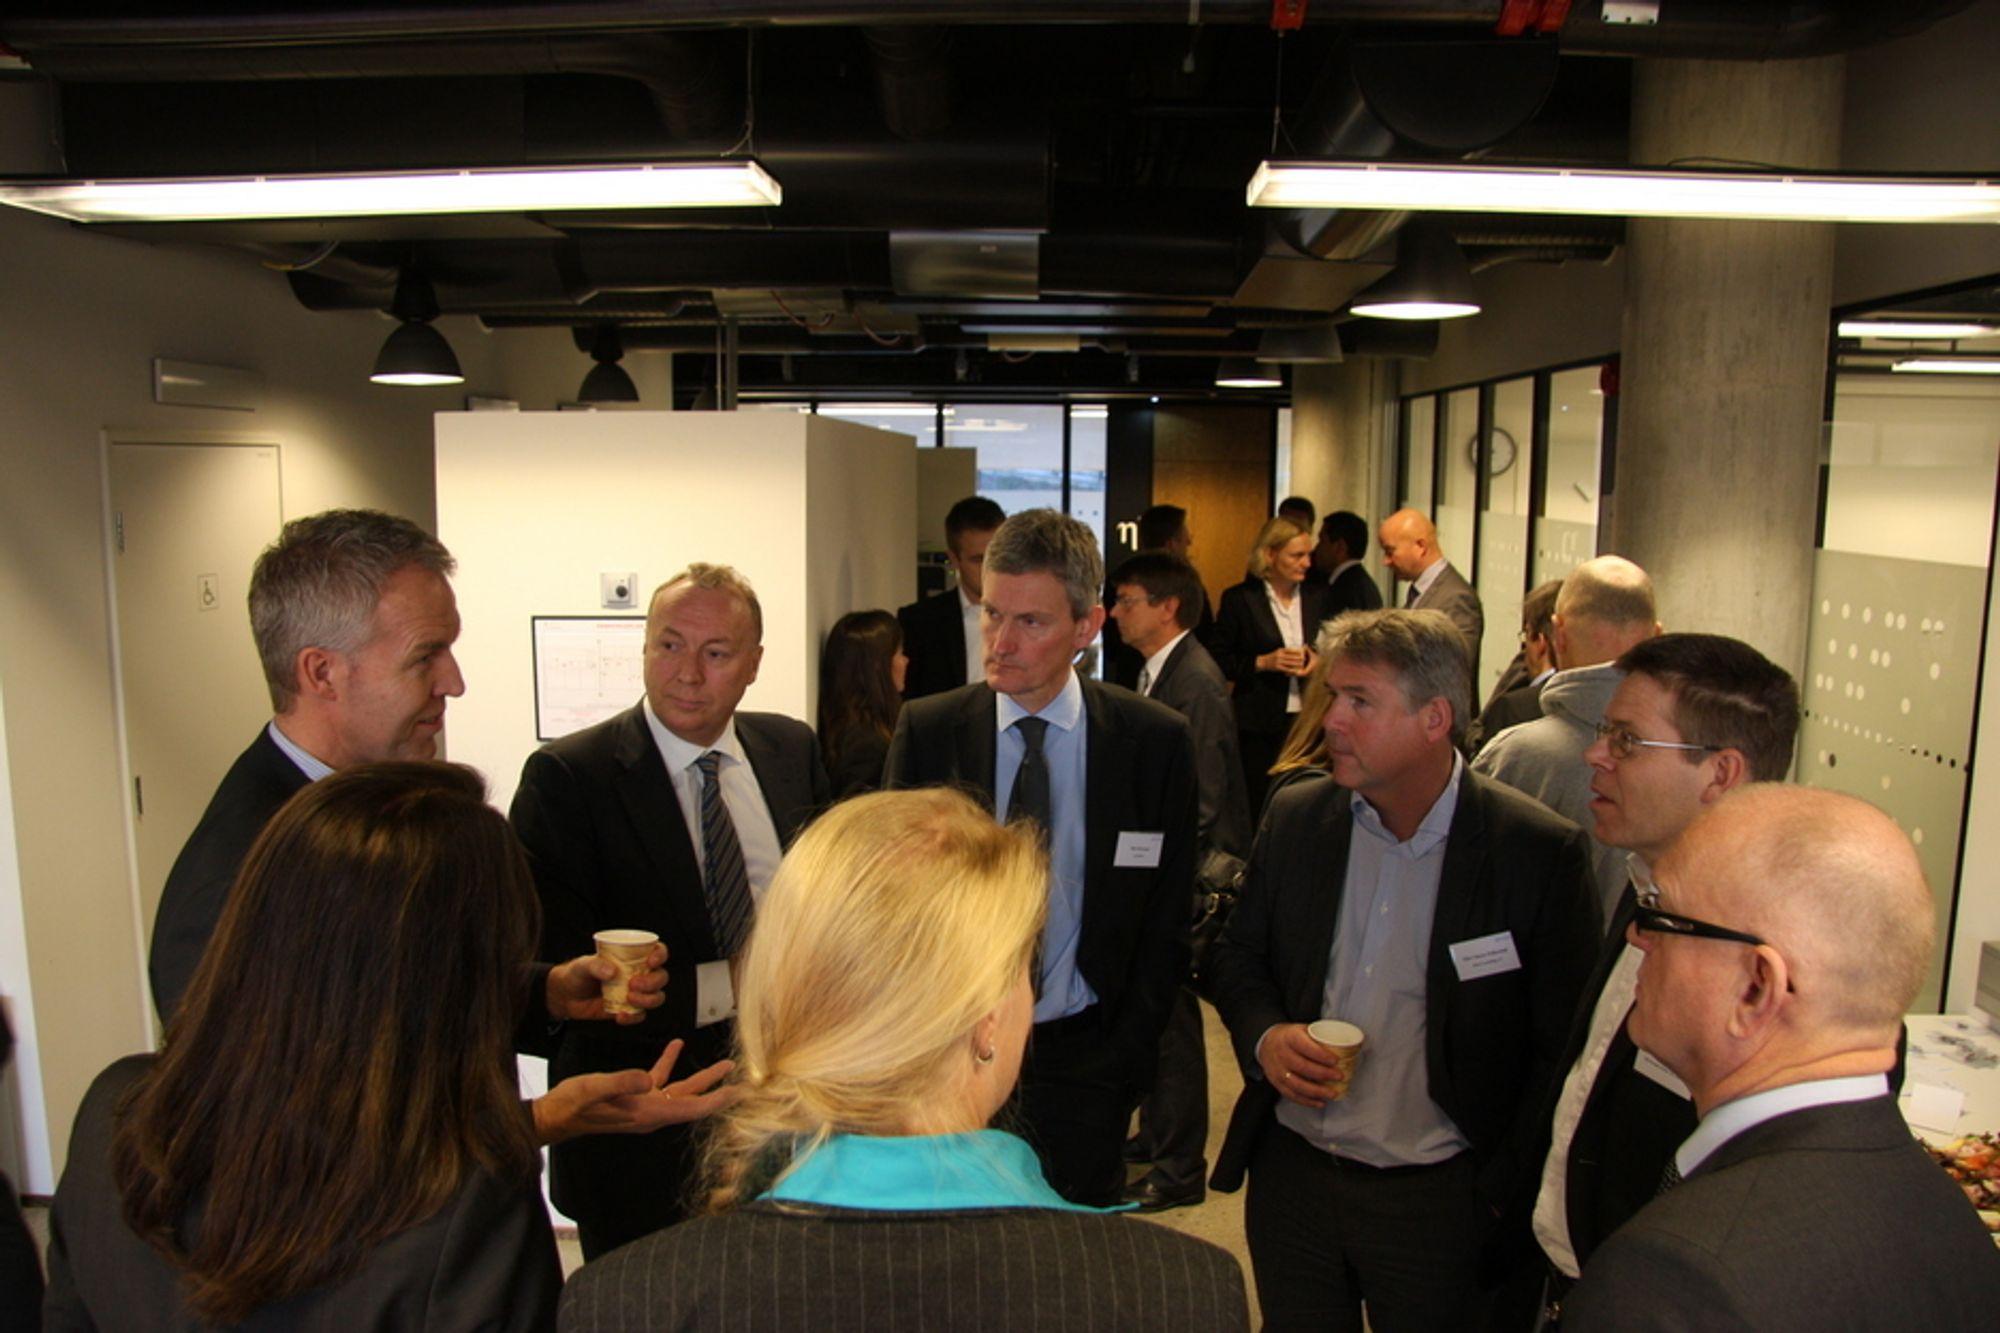 TOPPSJEFER PÅ ETT BRETT : Et uvanlig stort antall toppsjefer satte av tid til å diskutere behovet for sterkere it-rekruttering. Fra venstre Thor-Christian L'Orange (Capgemini), Hege Skryseth (Microsoft Norge, ryggen til), Kjell Rusti (Steria), Ingrid Wall (CSO Statoil, ryggen til), Nils Øveraas (Accenture), Olav Folkestad (BEKK Consulting), Elling Rishoff (CIO DNV) og Svein Kristensen (Skatteetaten). I bakgrunnen Forskningsrådets styreleder Ingvild Myhre og professor Torger Reve (Handelshøyskolen BI).